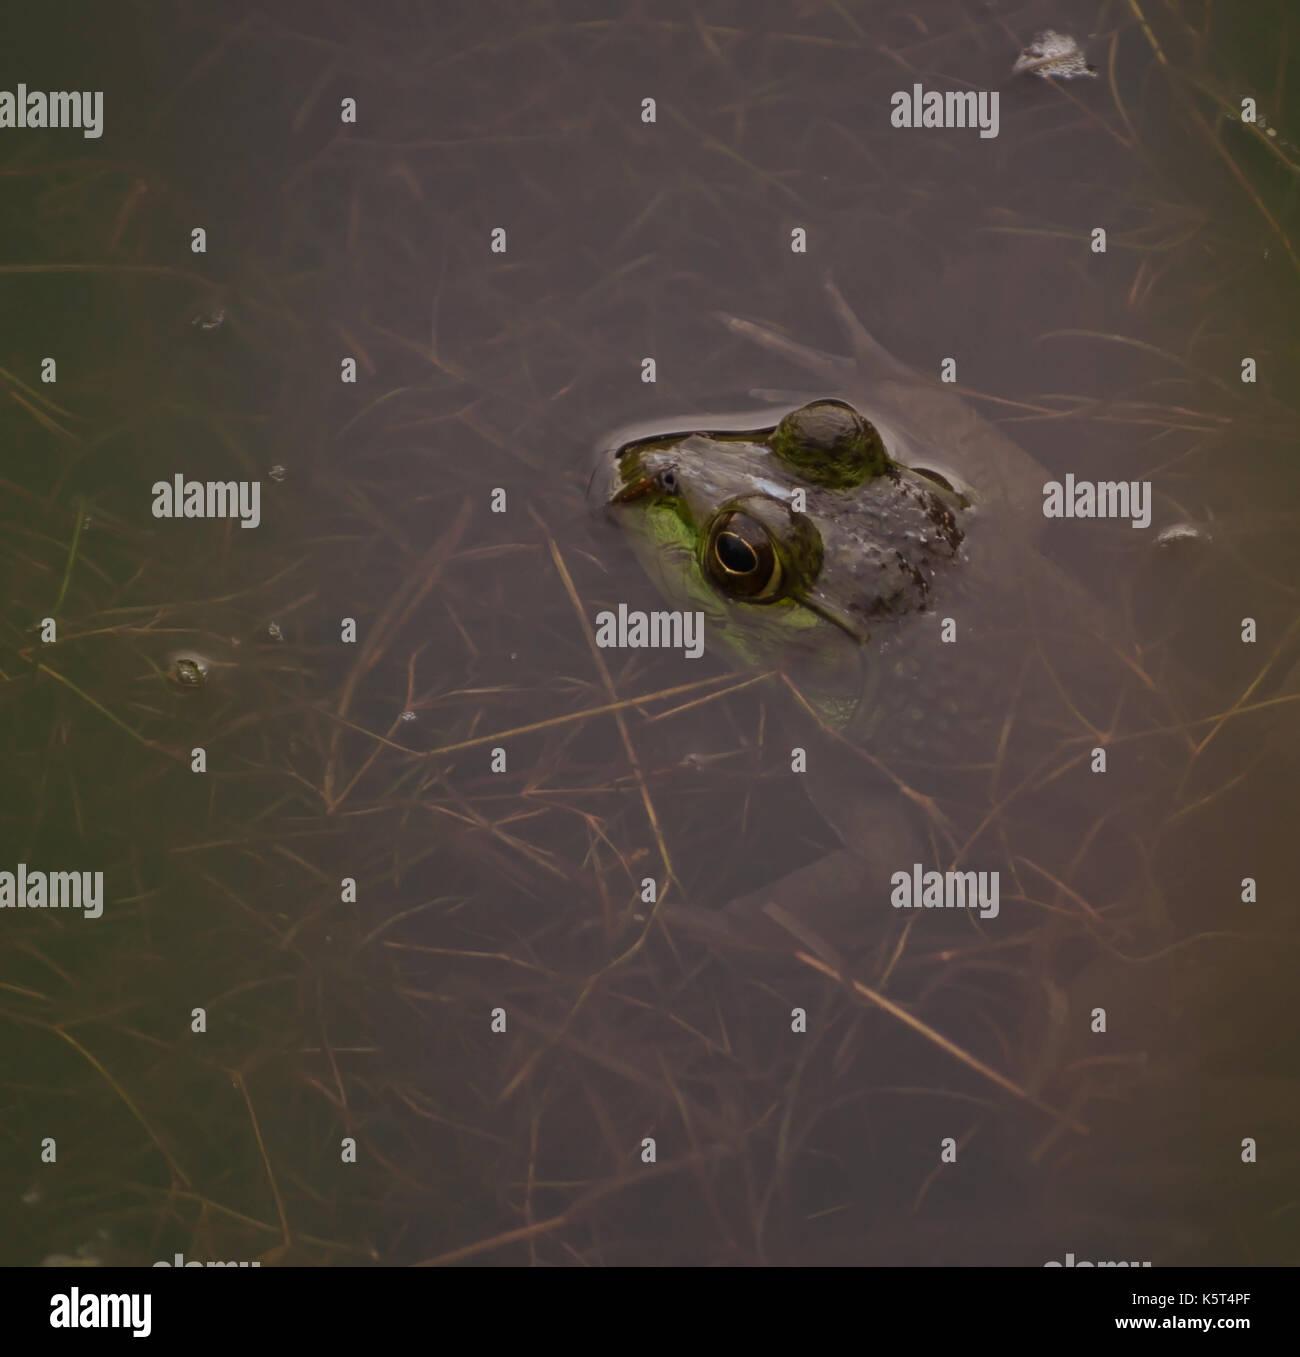 Un bull frog partiellement immergé dans un étang avec seulement sa tête montrant Banque D'Images